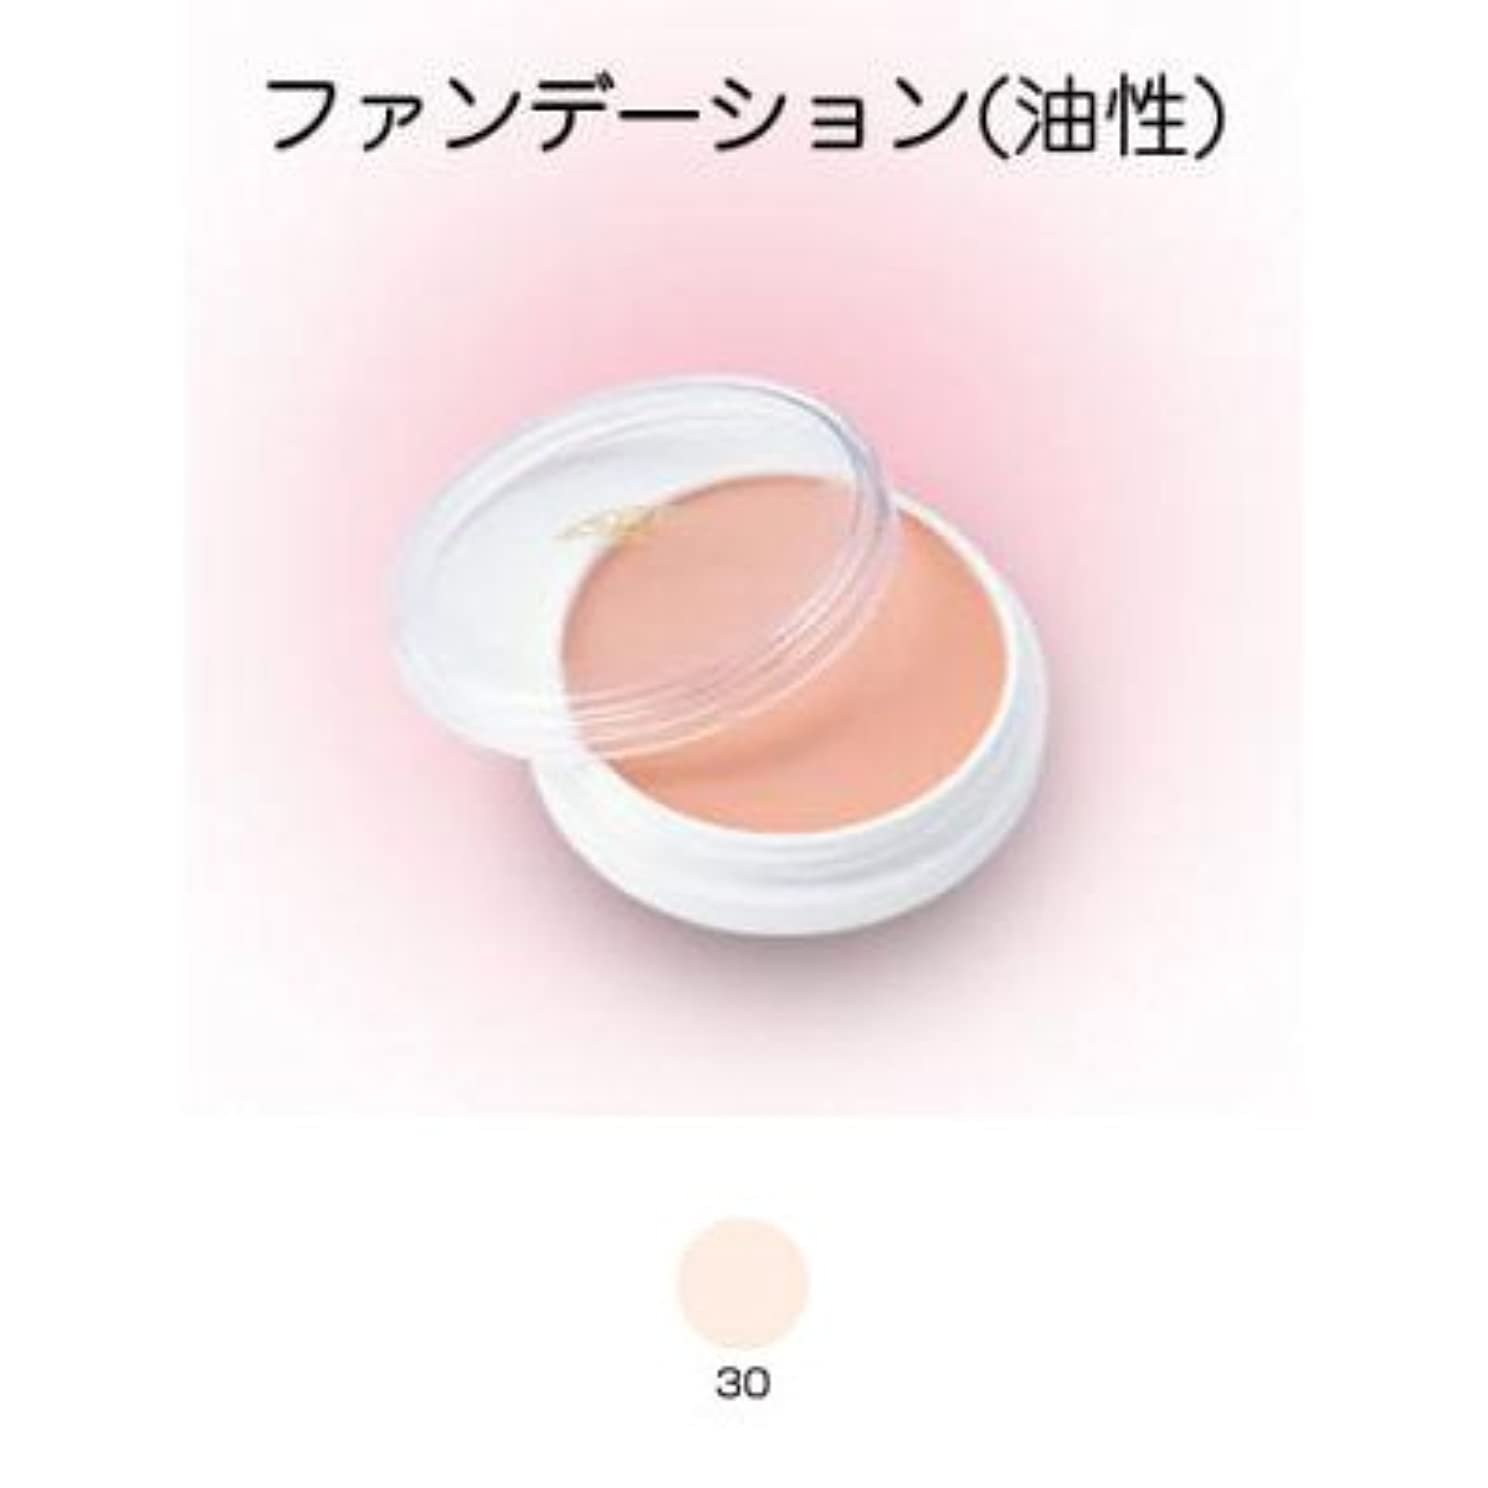 グリースペイント 8g 30 【三善】ドーラン